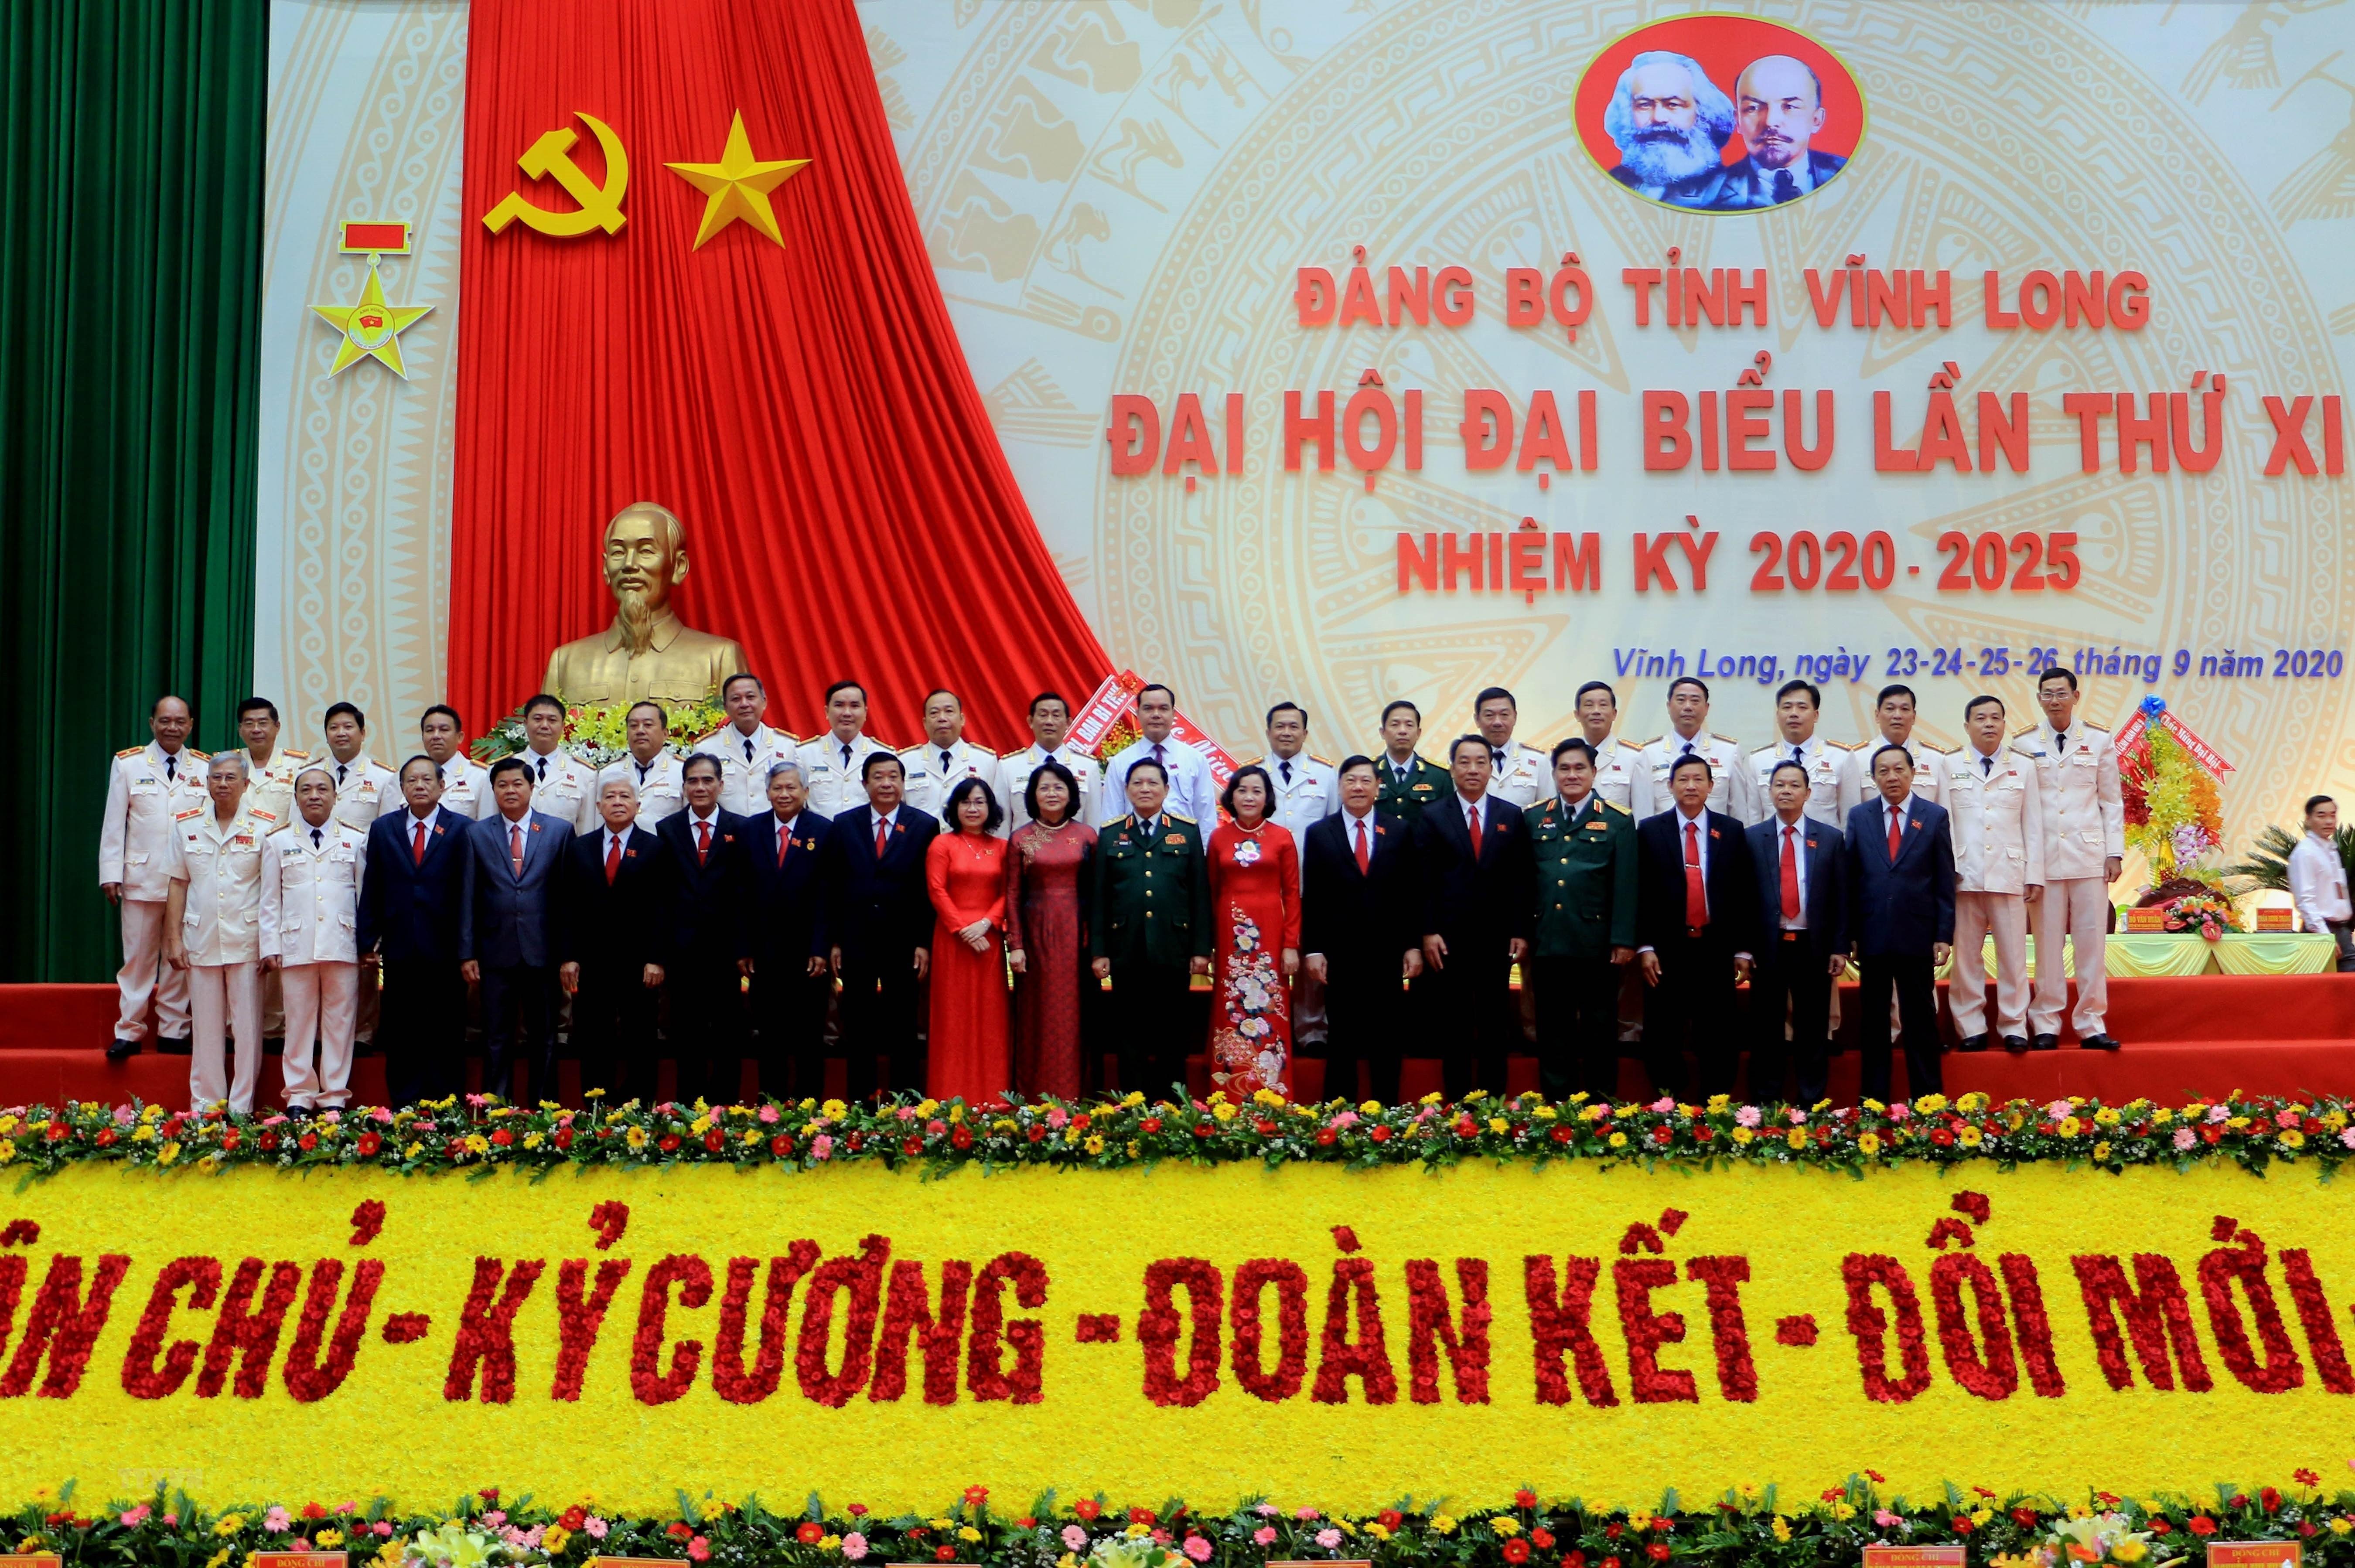 [Photo] Khai mac Dai hoi Dang bo tinh Vinh Long nhiem ky 2020-2025 hinh anh 11